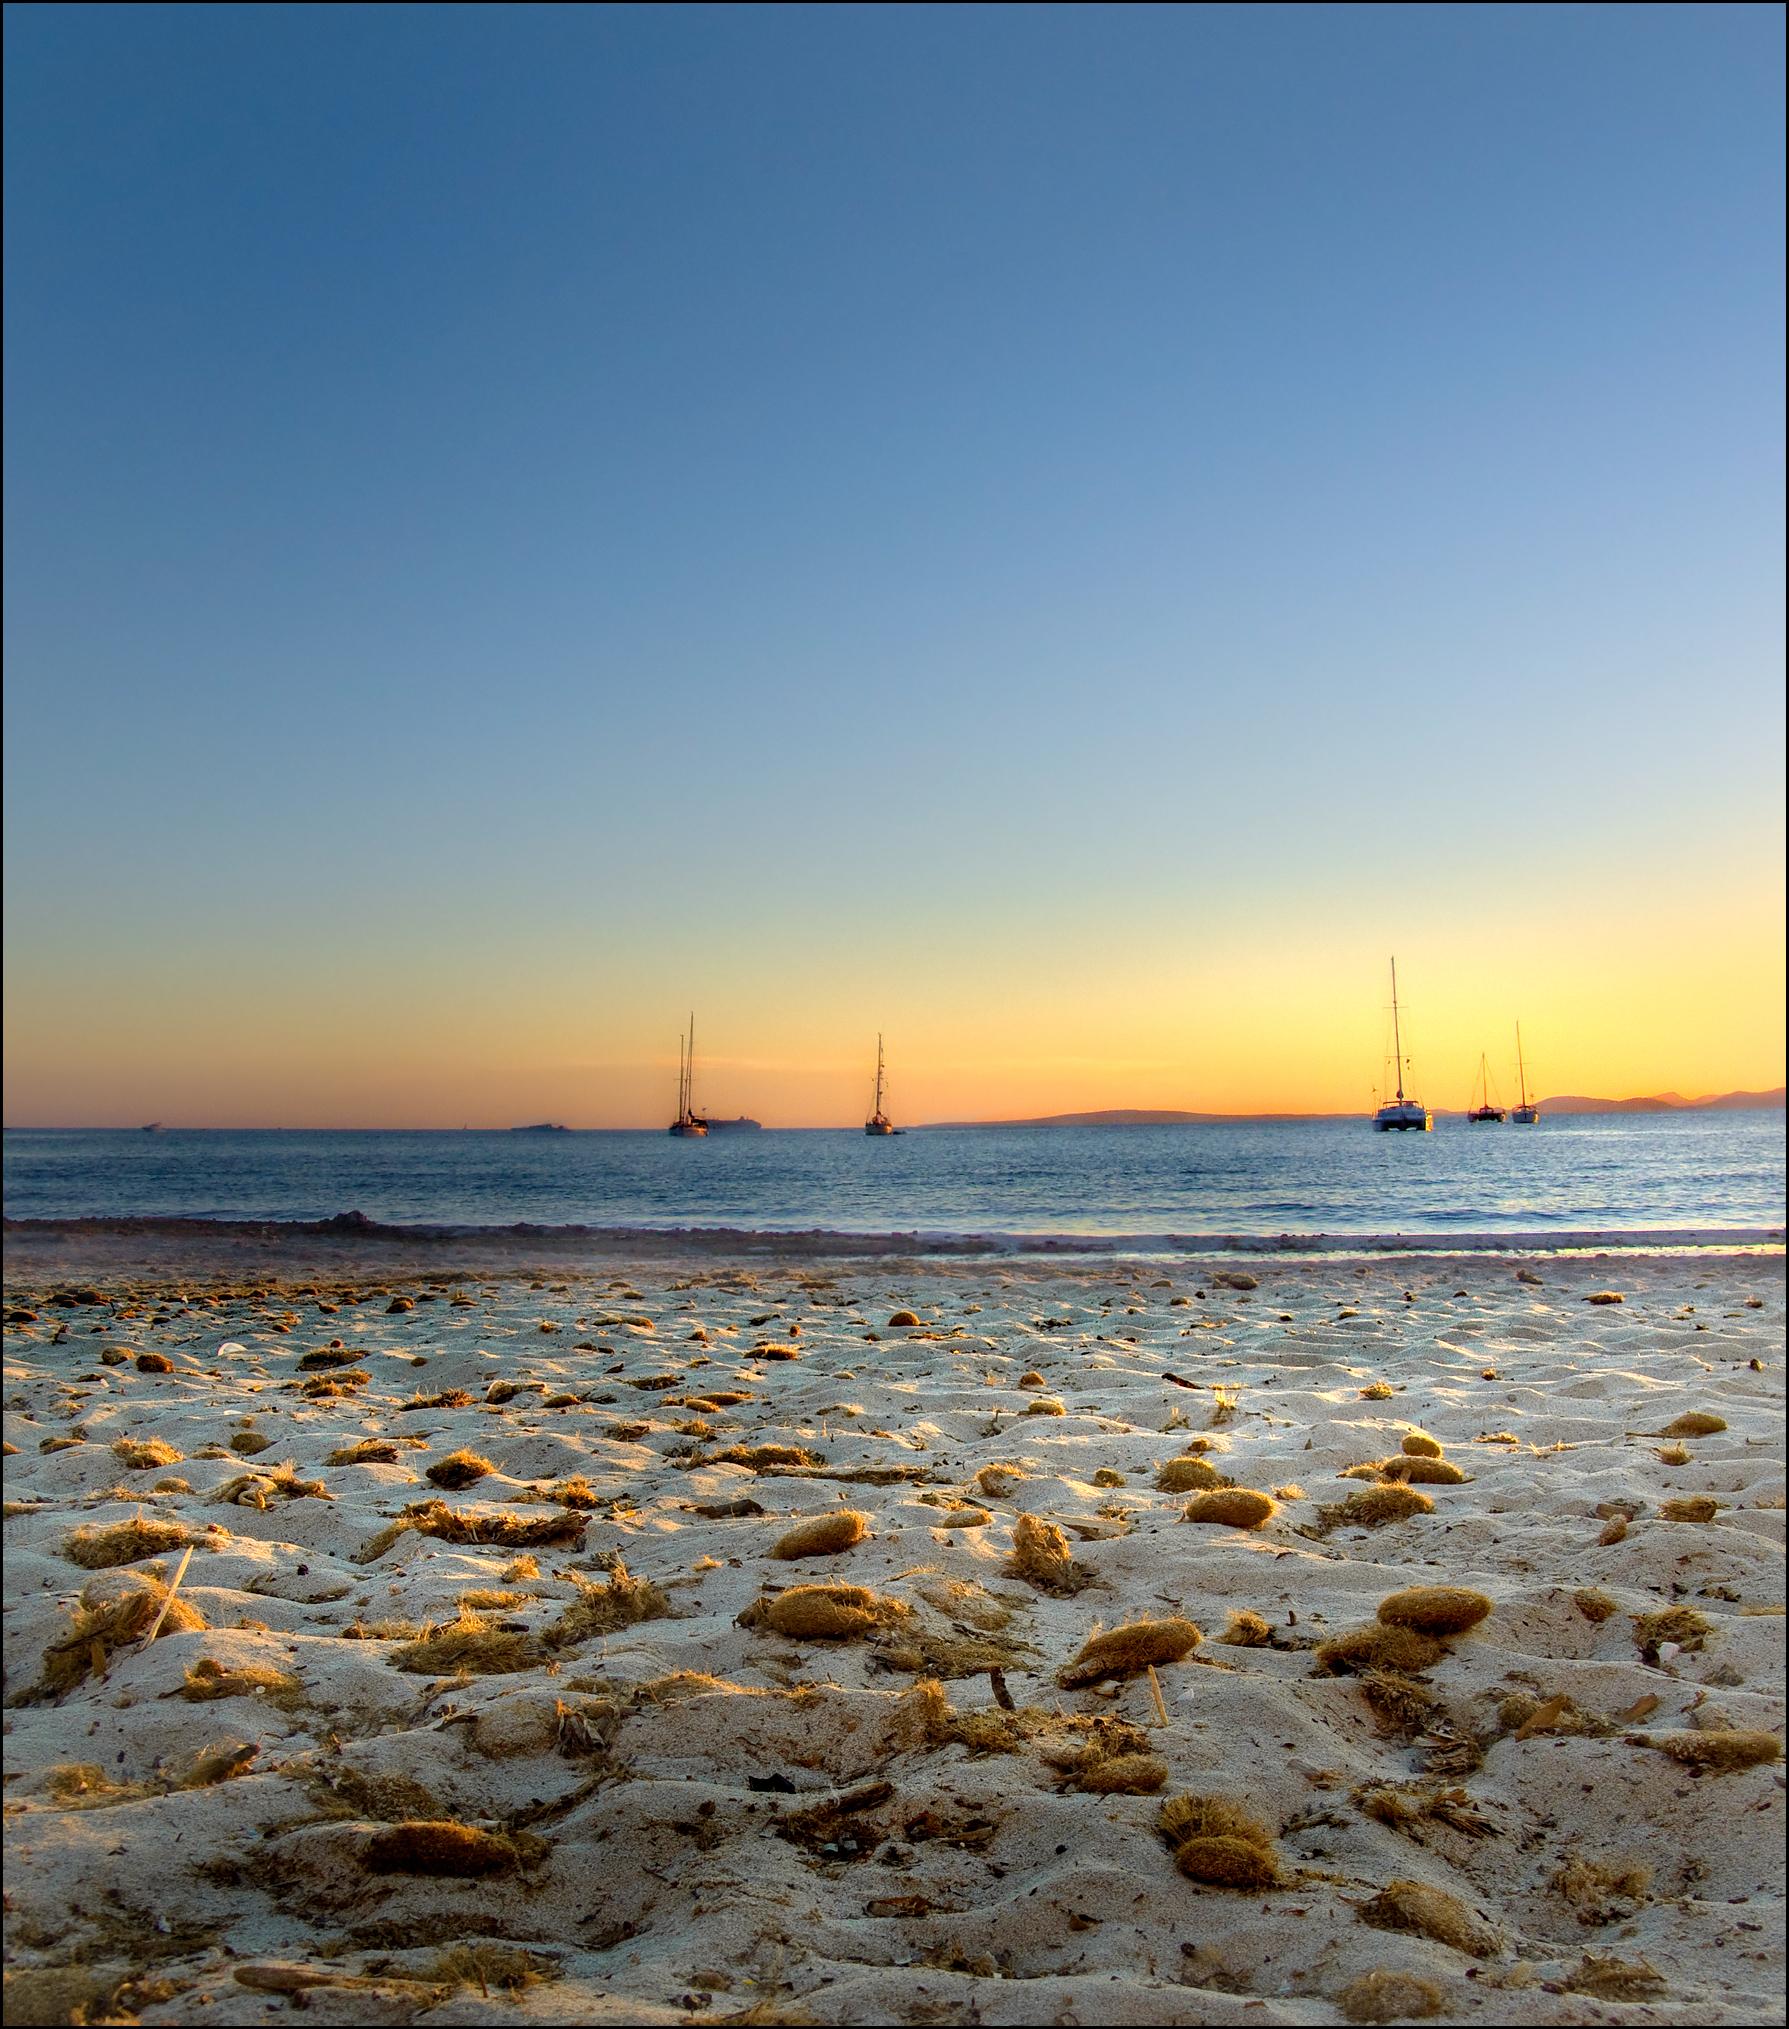 Sunset mallorca beach photo